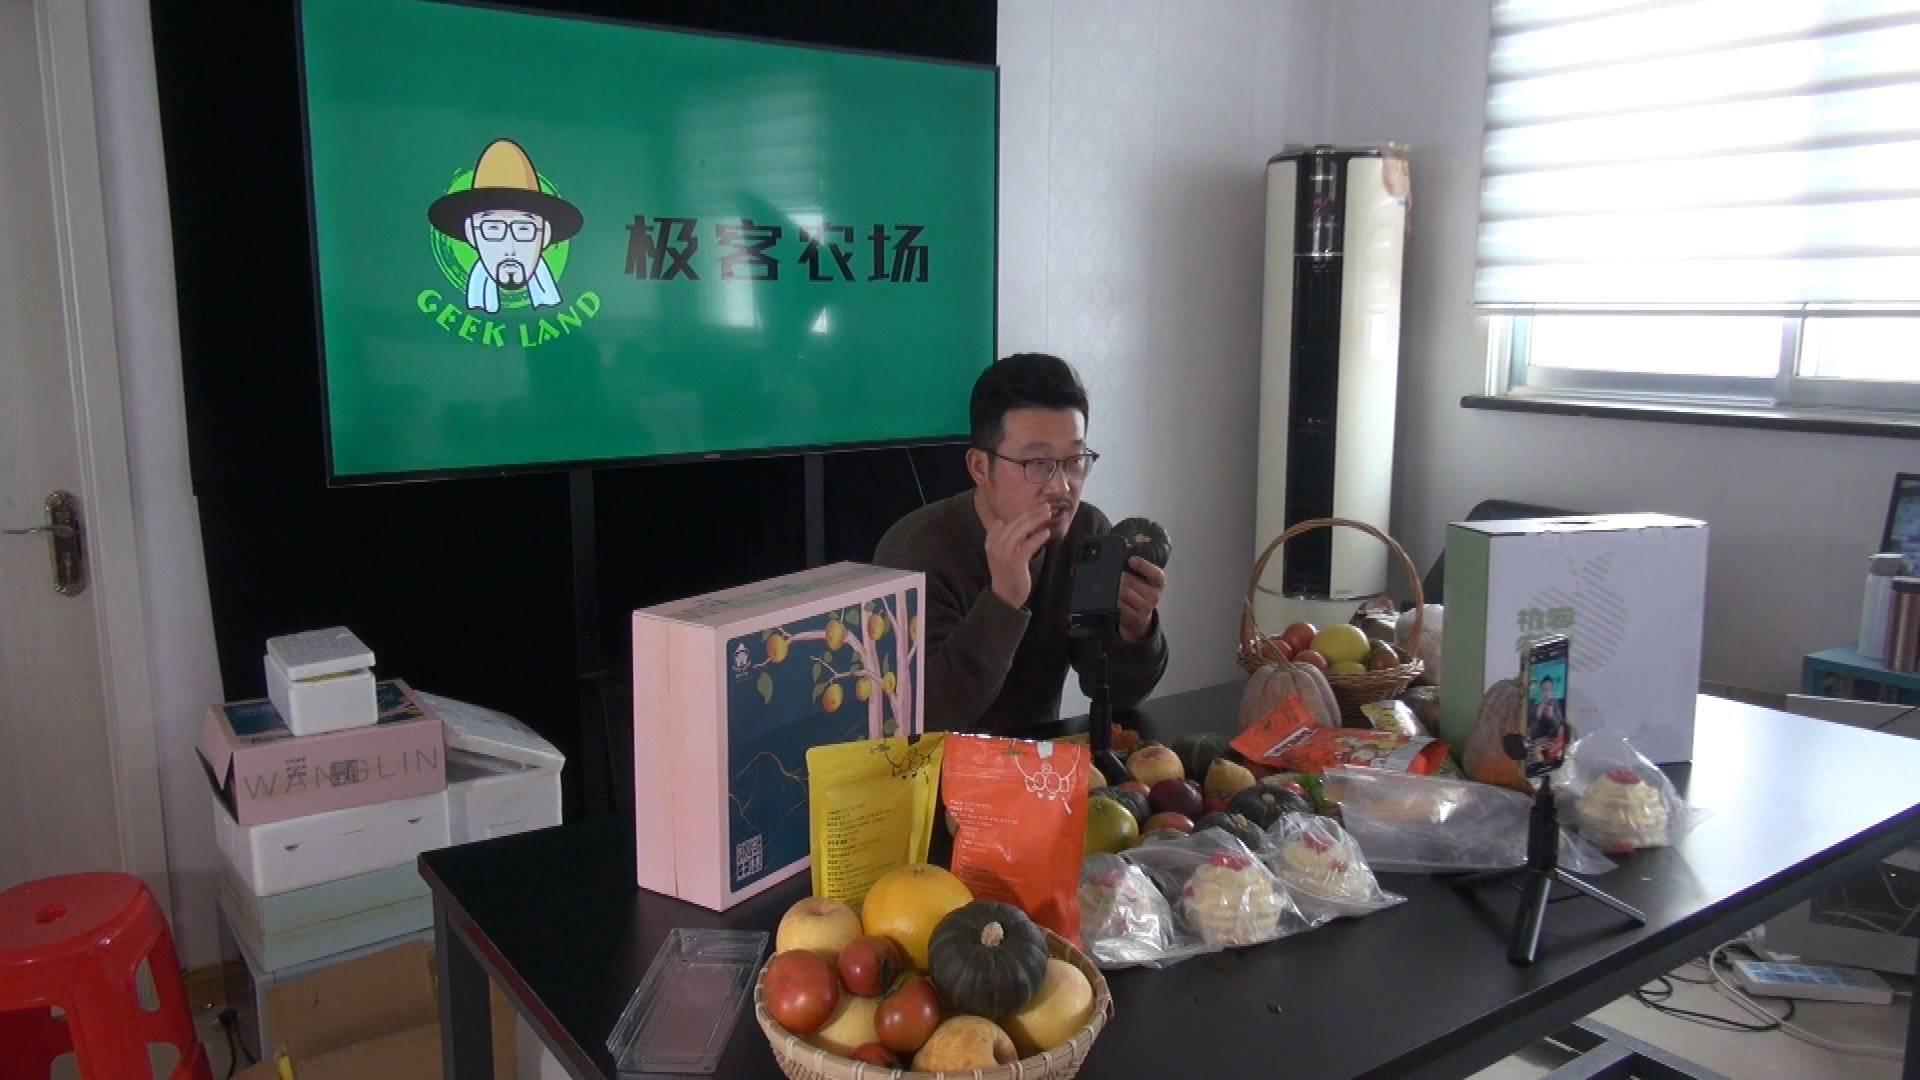 复旦大学毕业生回归农村创业带货  将胶东鲁味送到大江南北